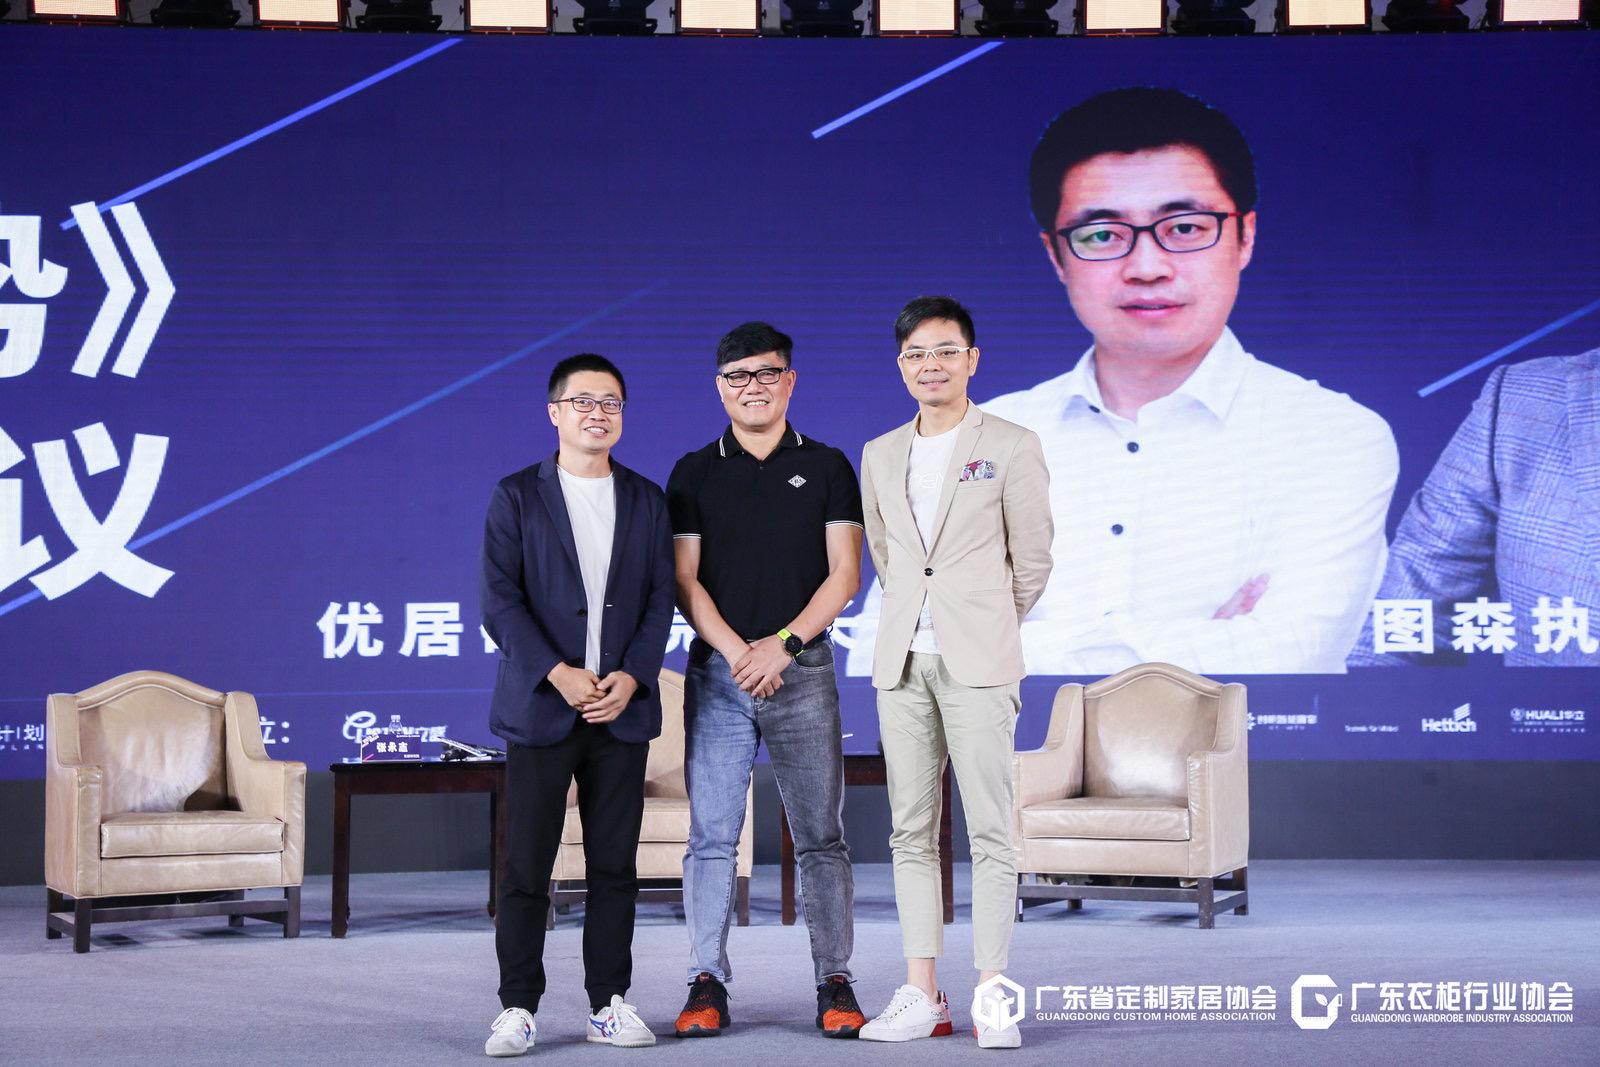 【峰会回顾】图森王维扬VS创思覃思:高定是未来新趋势?